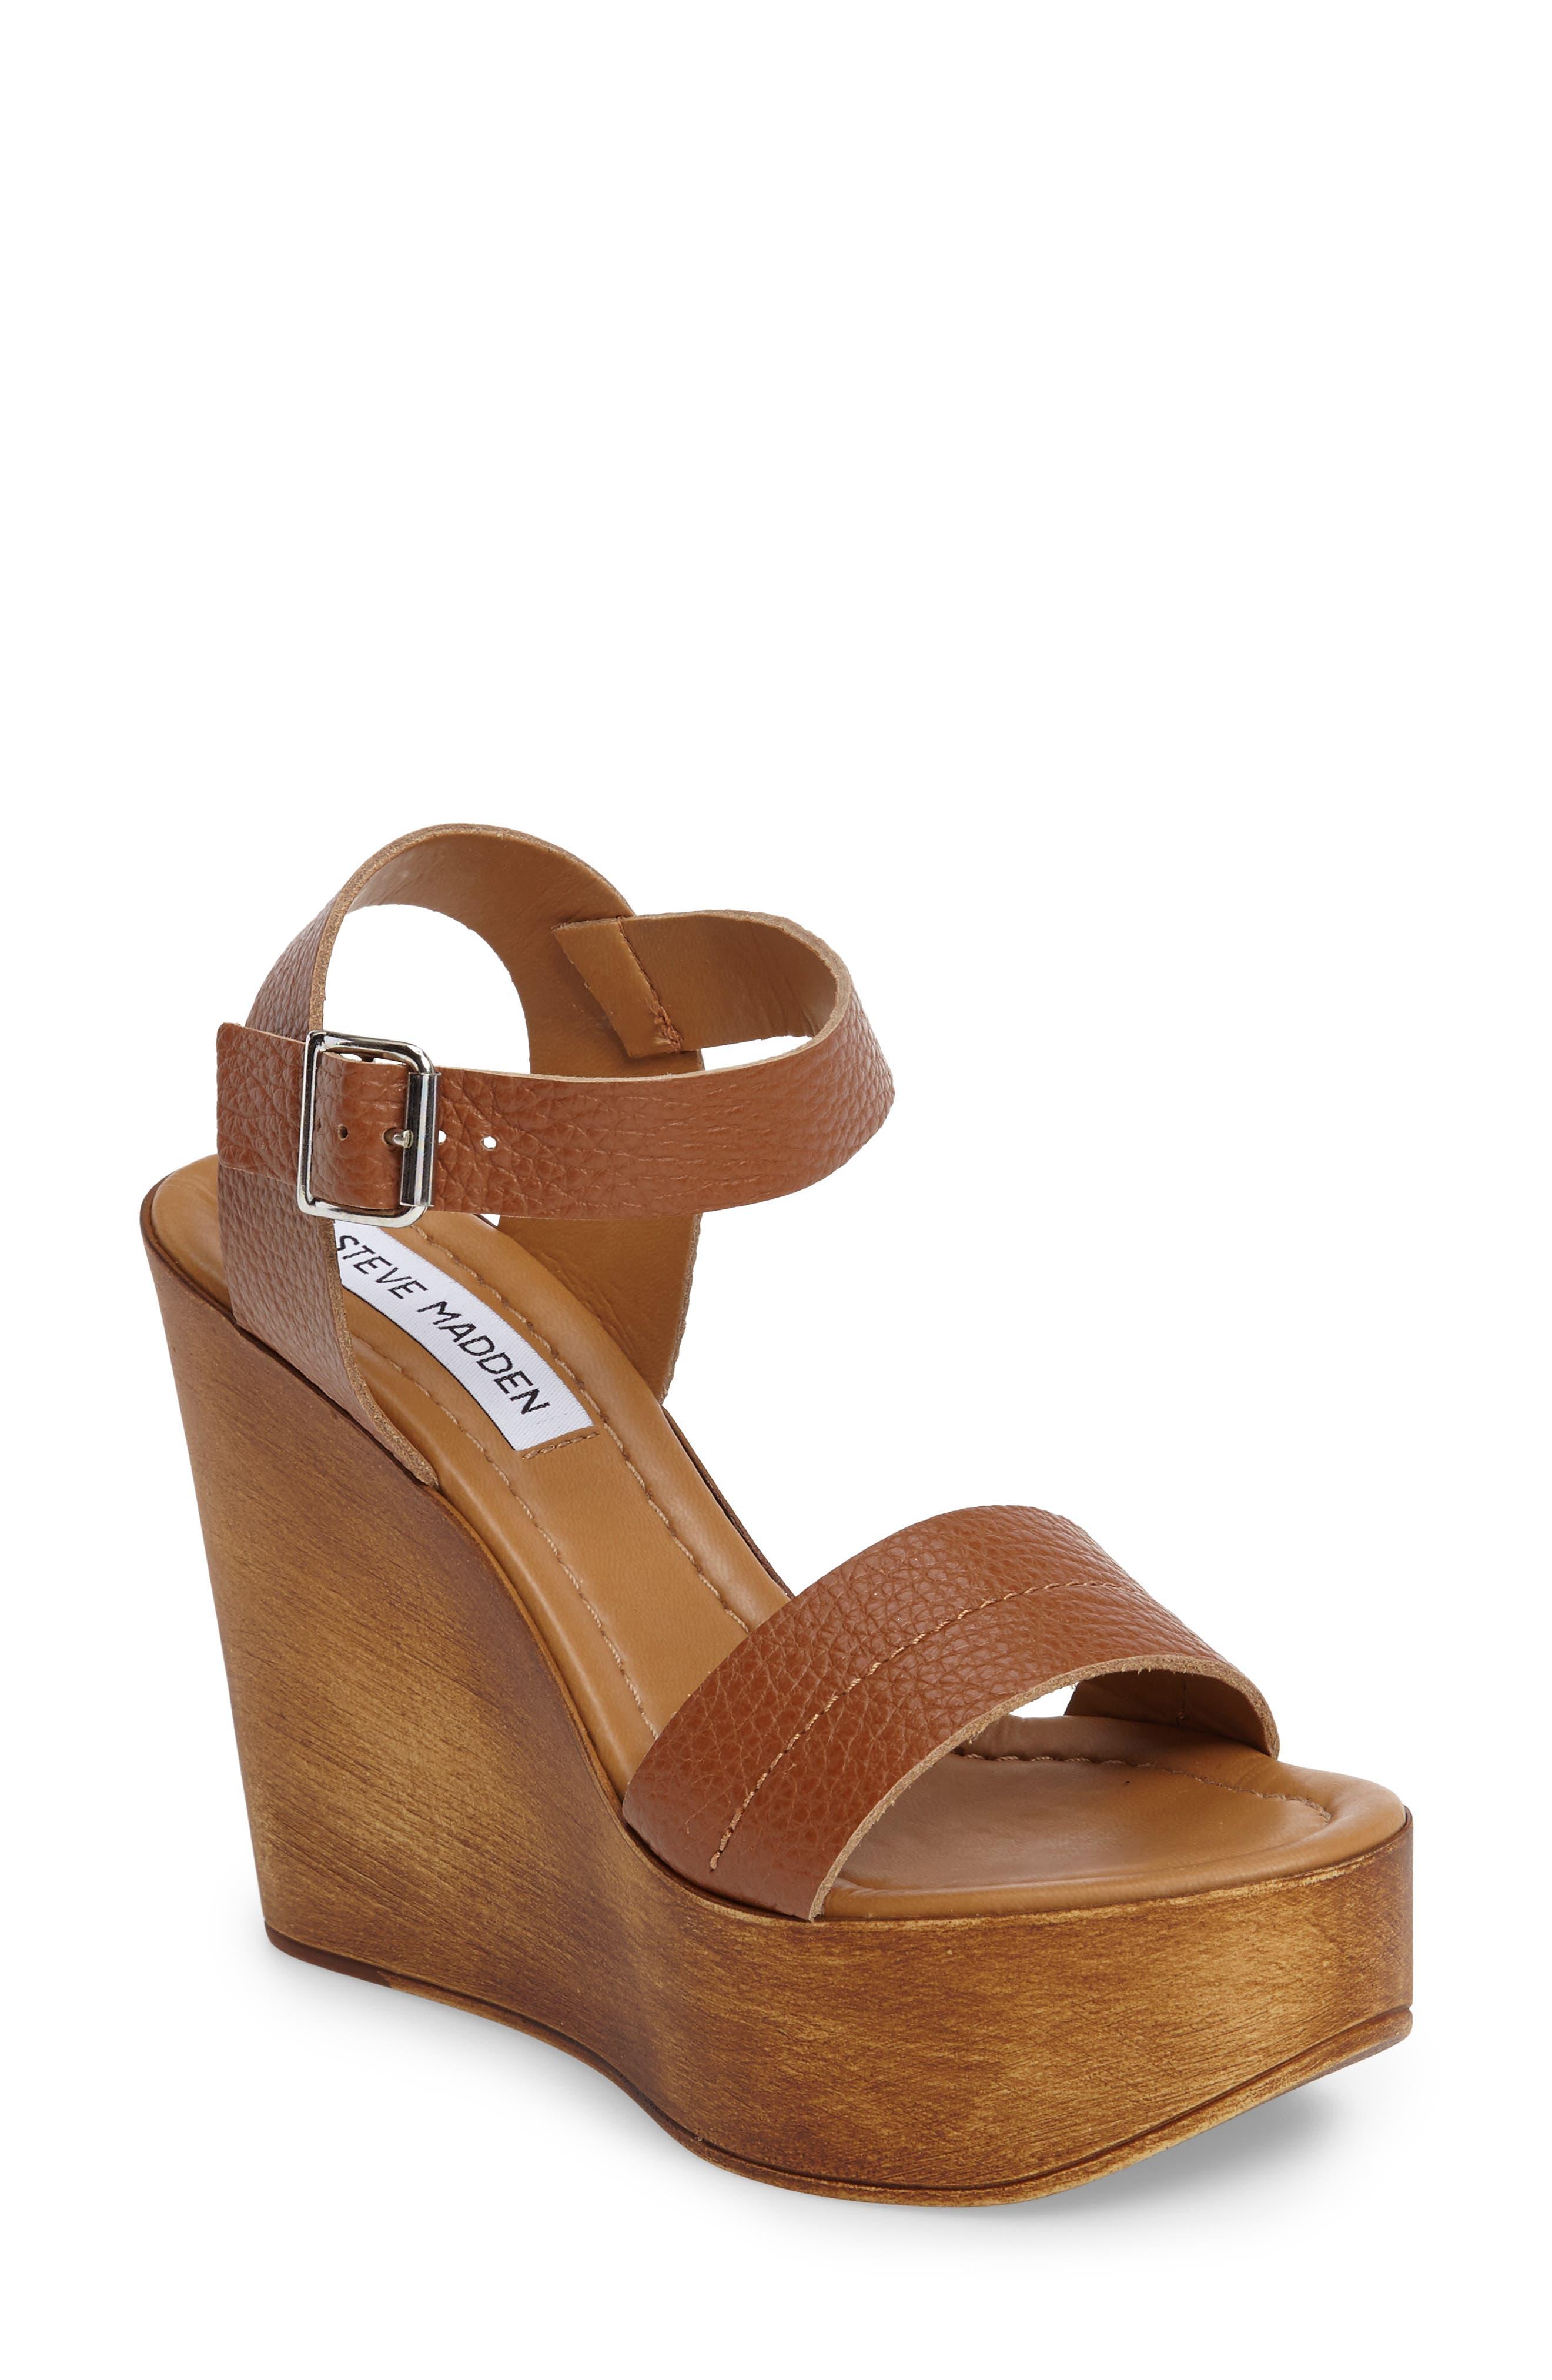 Alternate Image 1 Selected - Steve Madden Belma Wedge Sandal (Women)